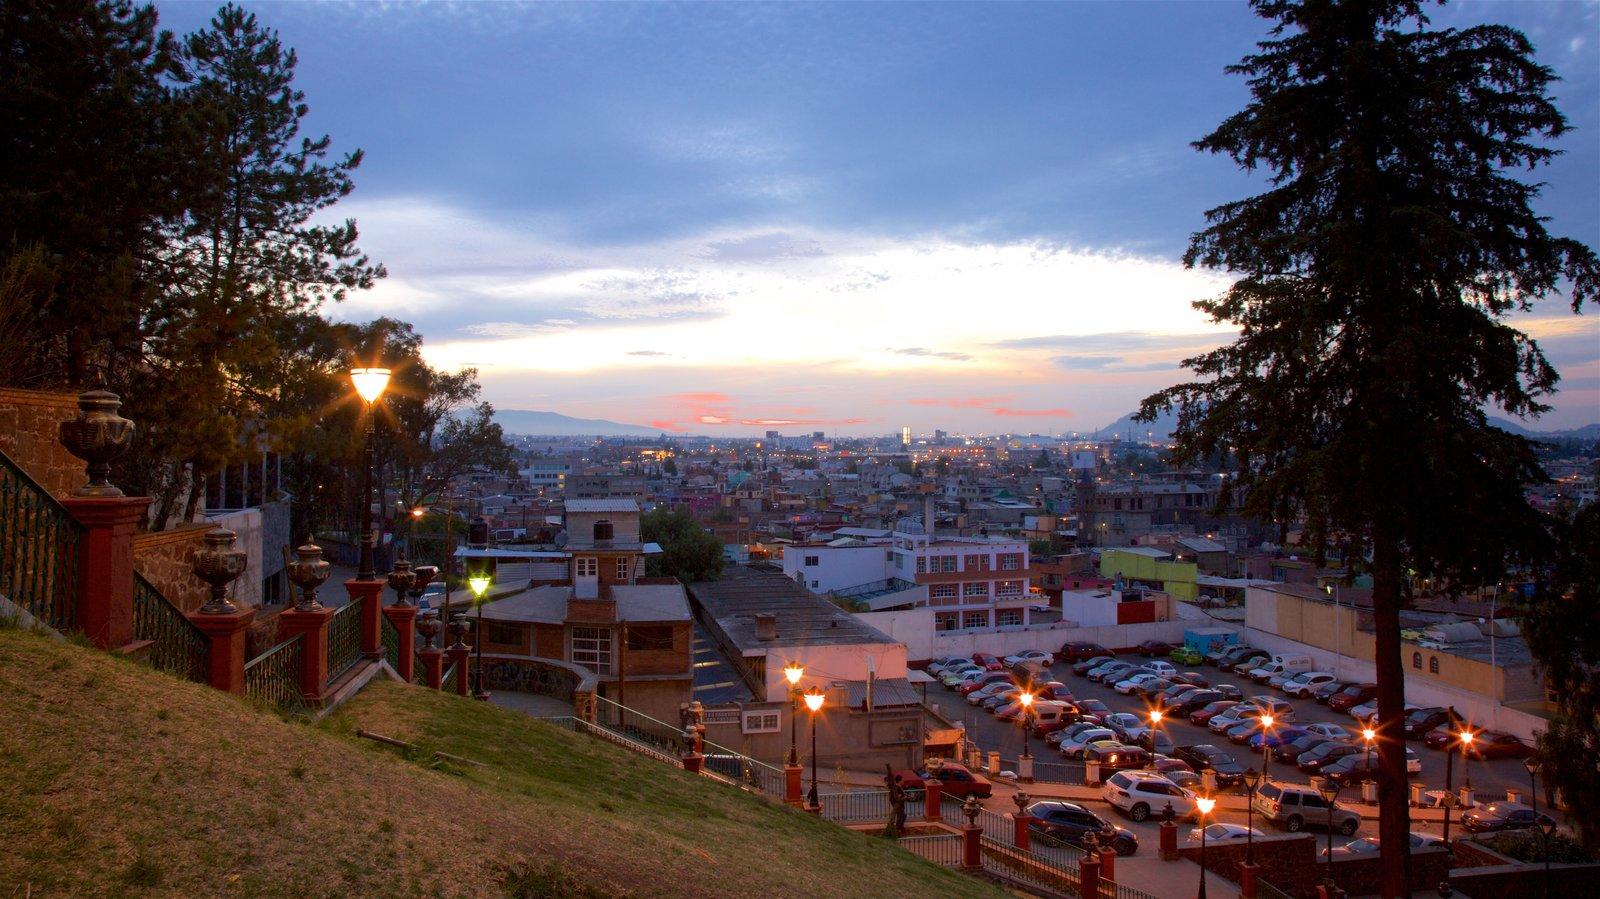 Metepec ofreciendo una ciudad, una puesta de sol y vistas de paisajes